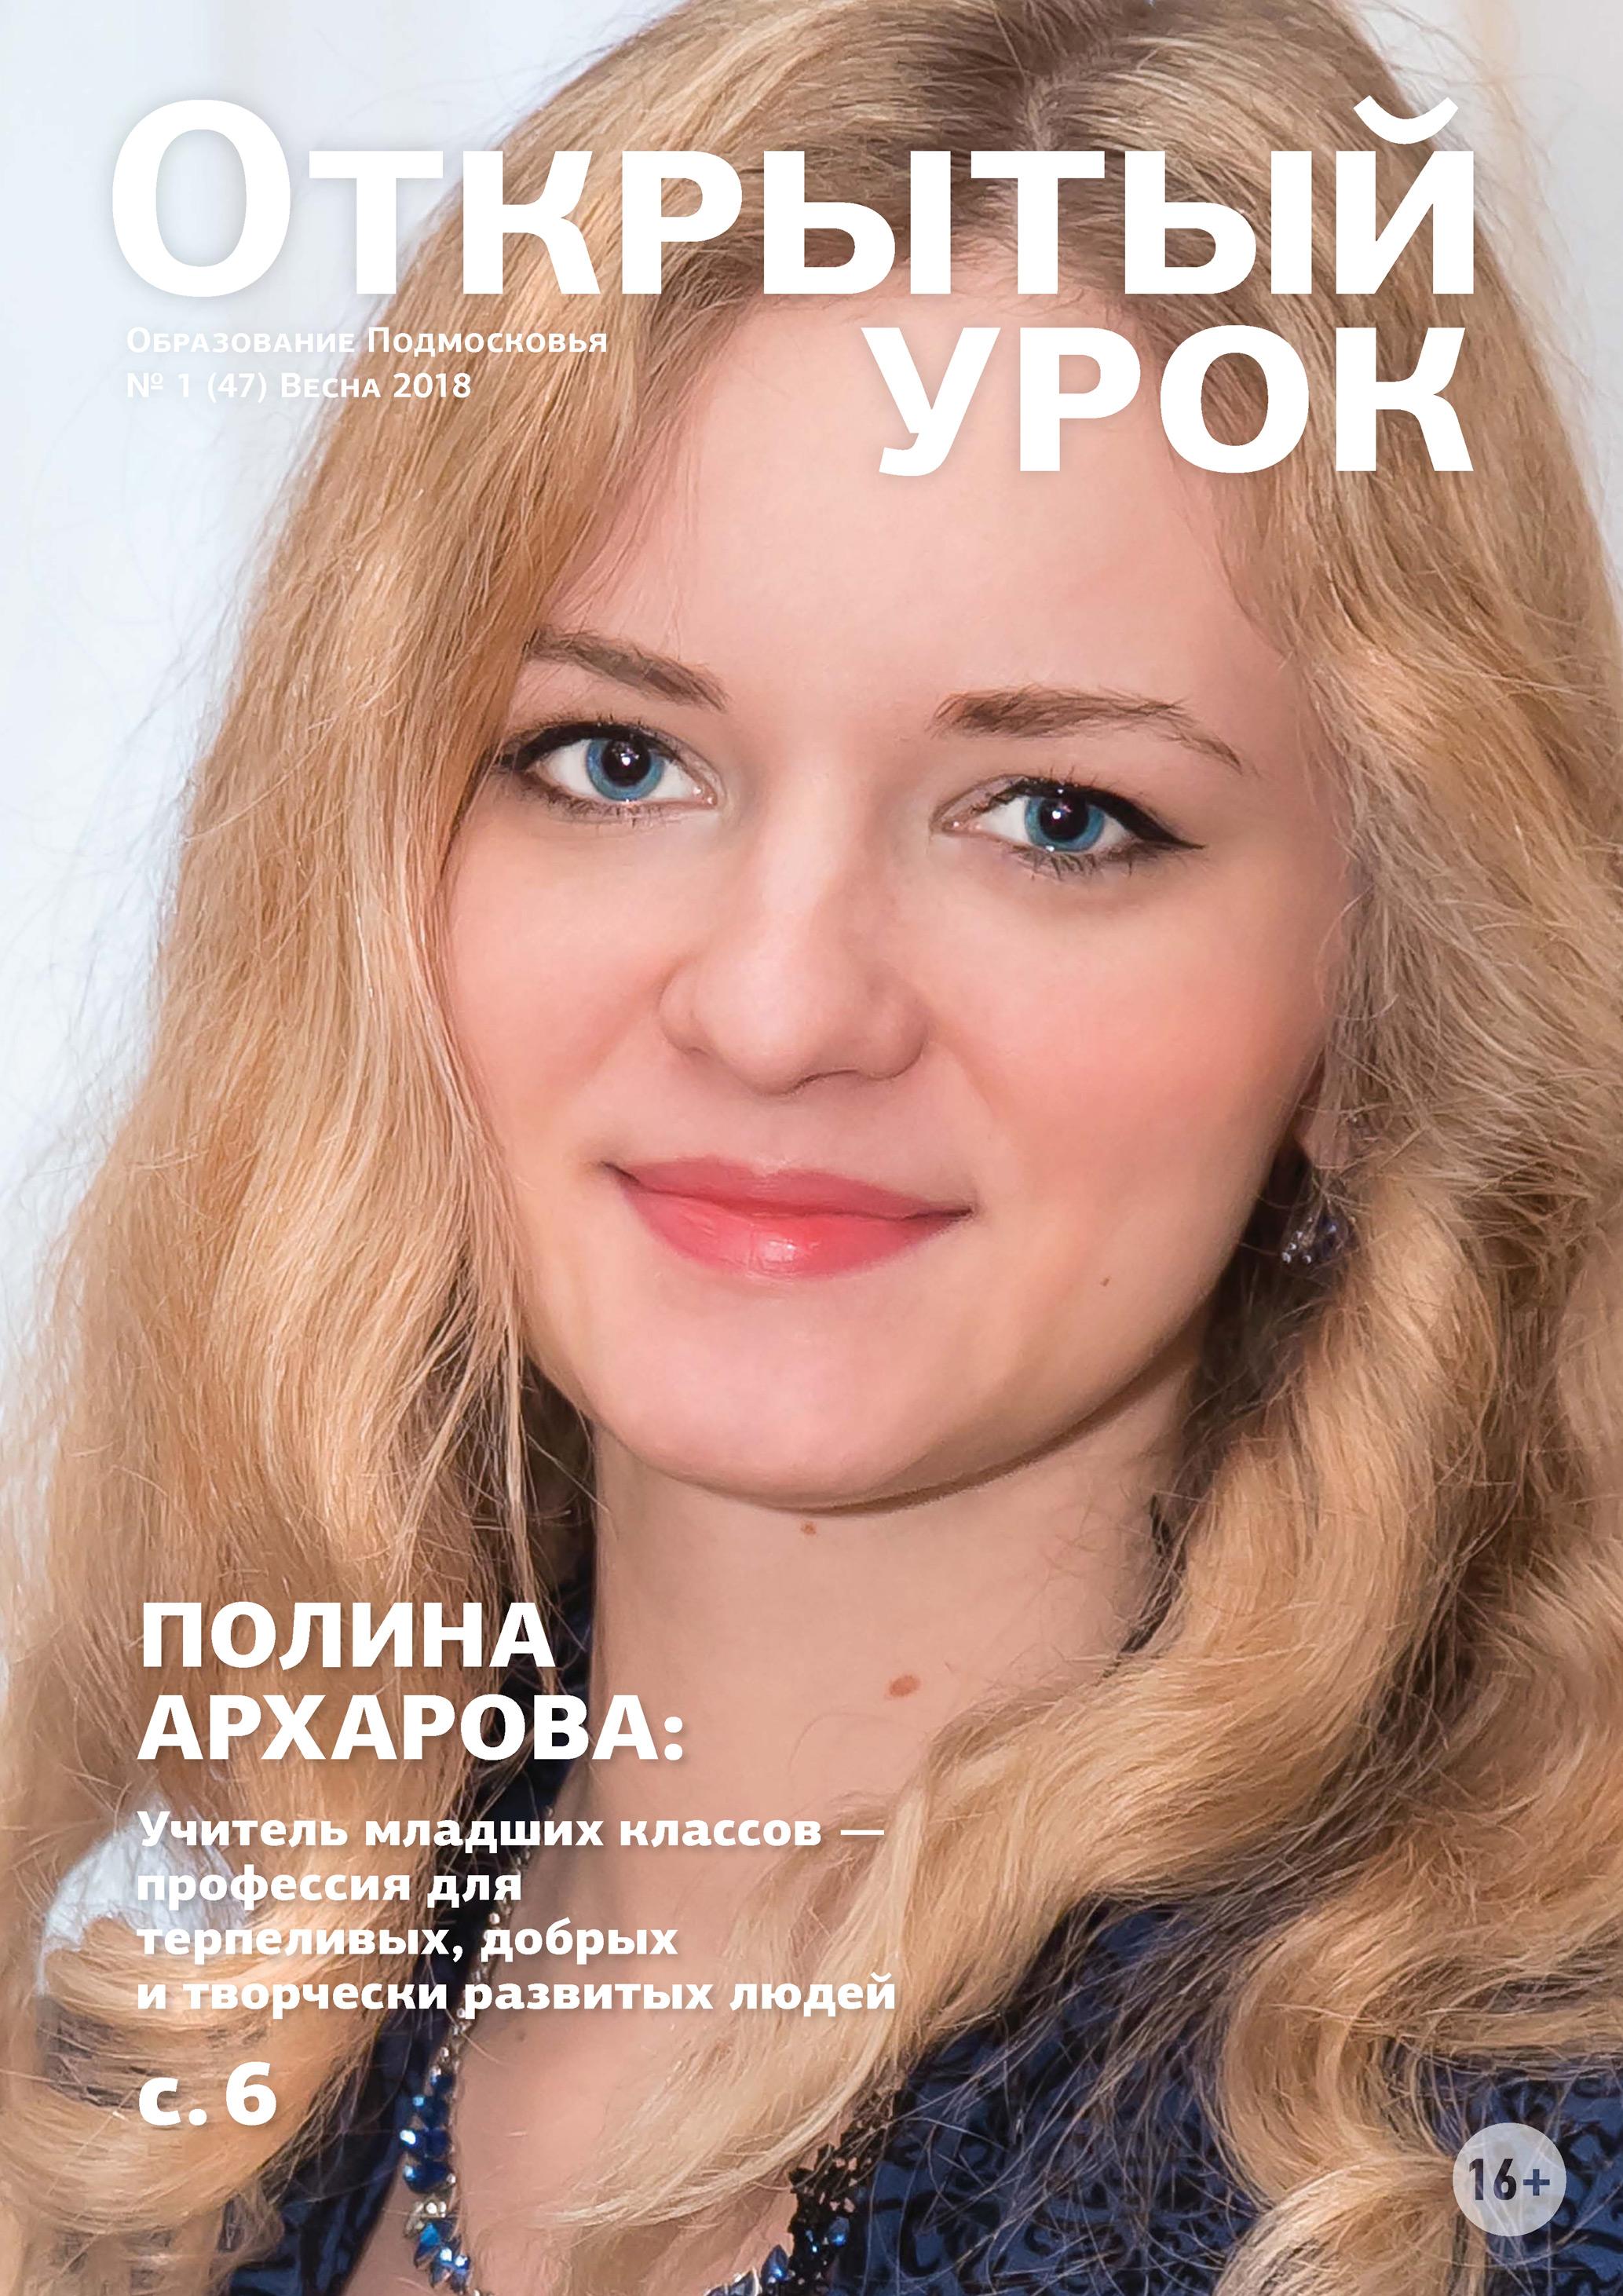 Обложка «Образование Подмосковья. Открытый урок №1 (47) 2018»